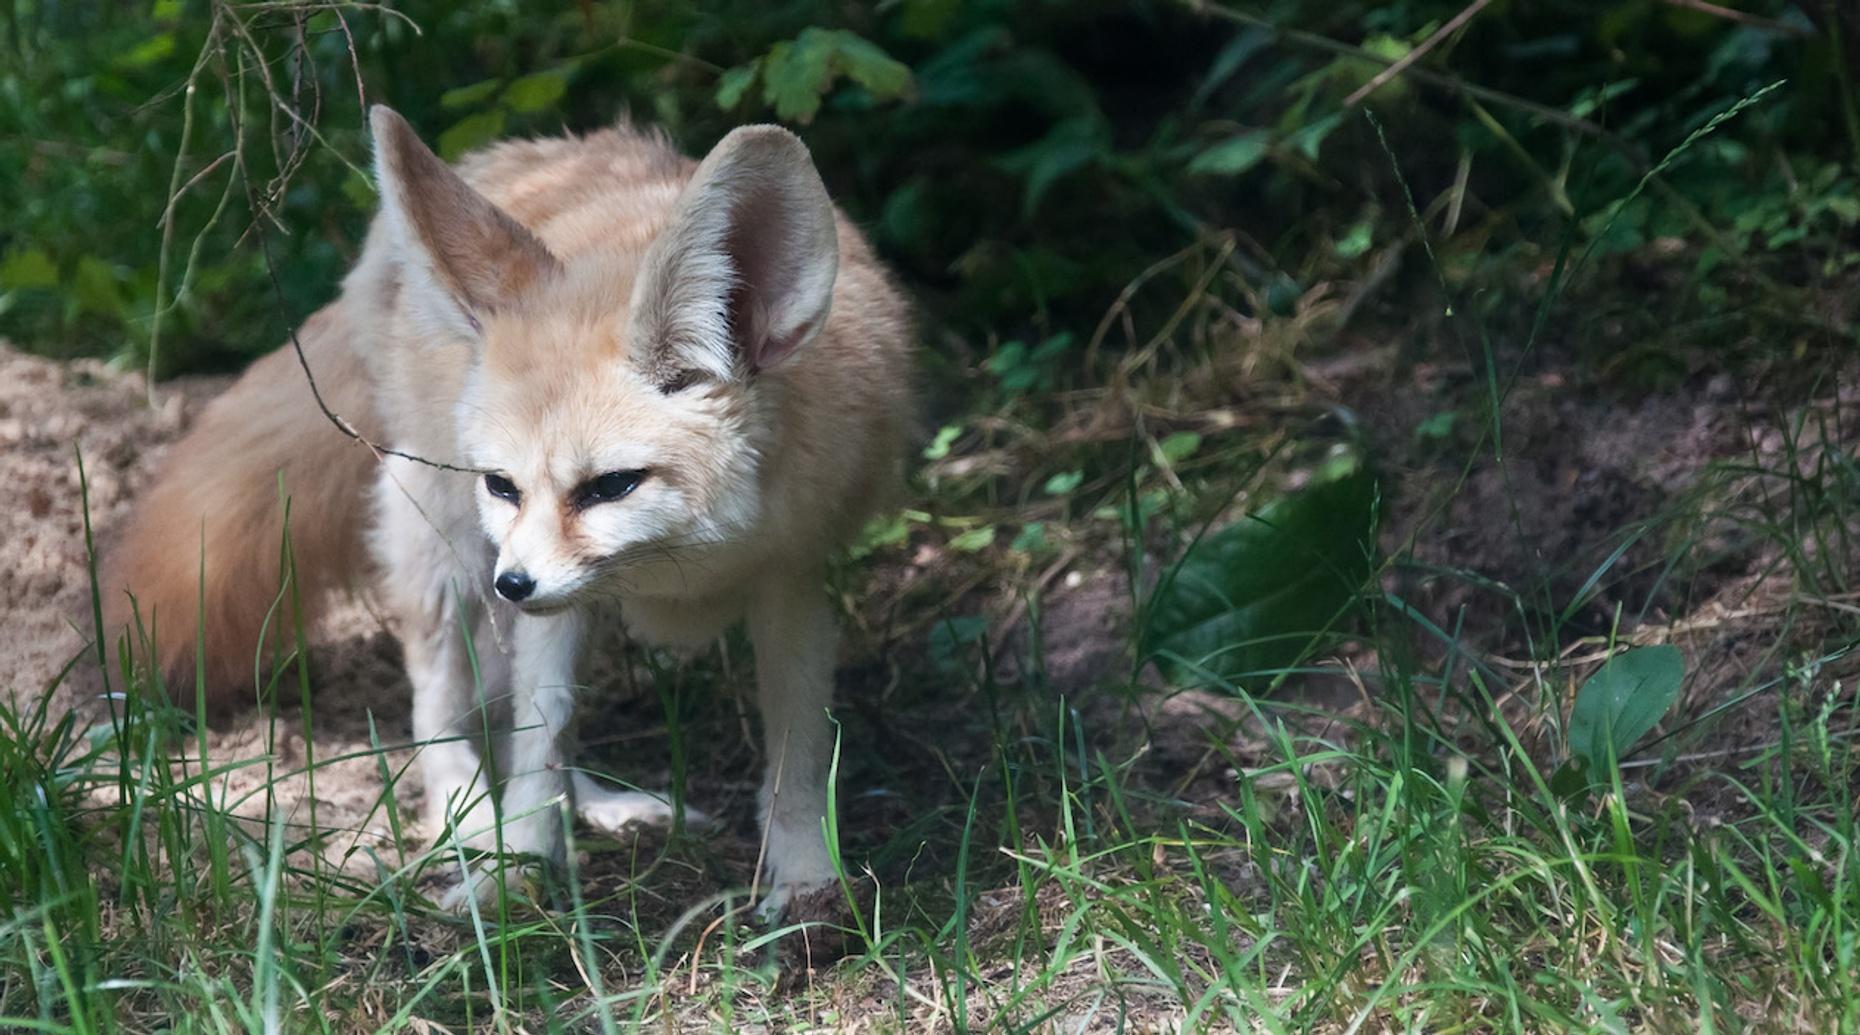 Fennec Fox & Friends Encounter in Georgia